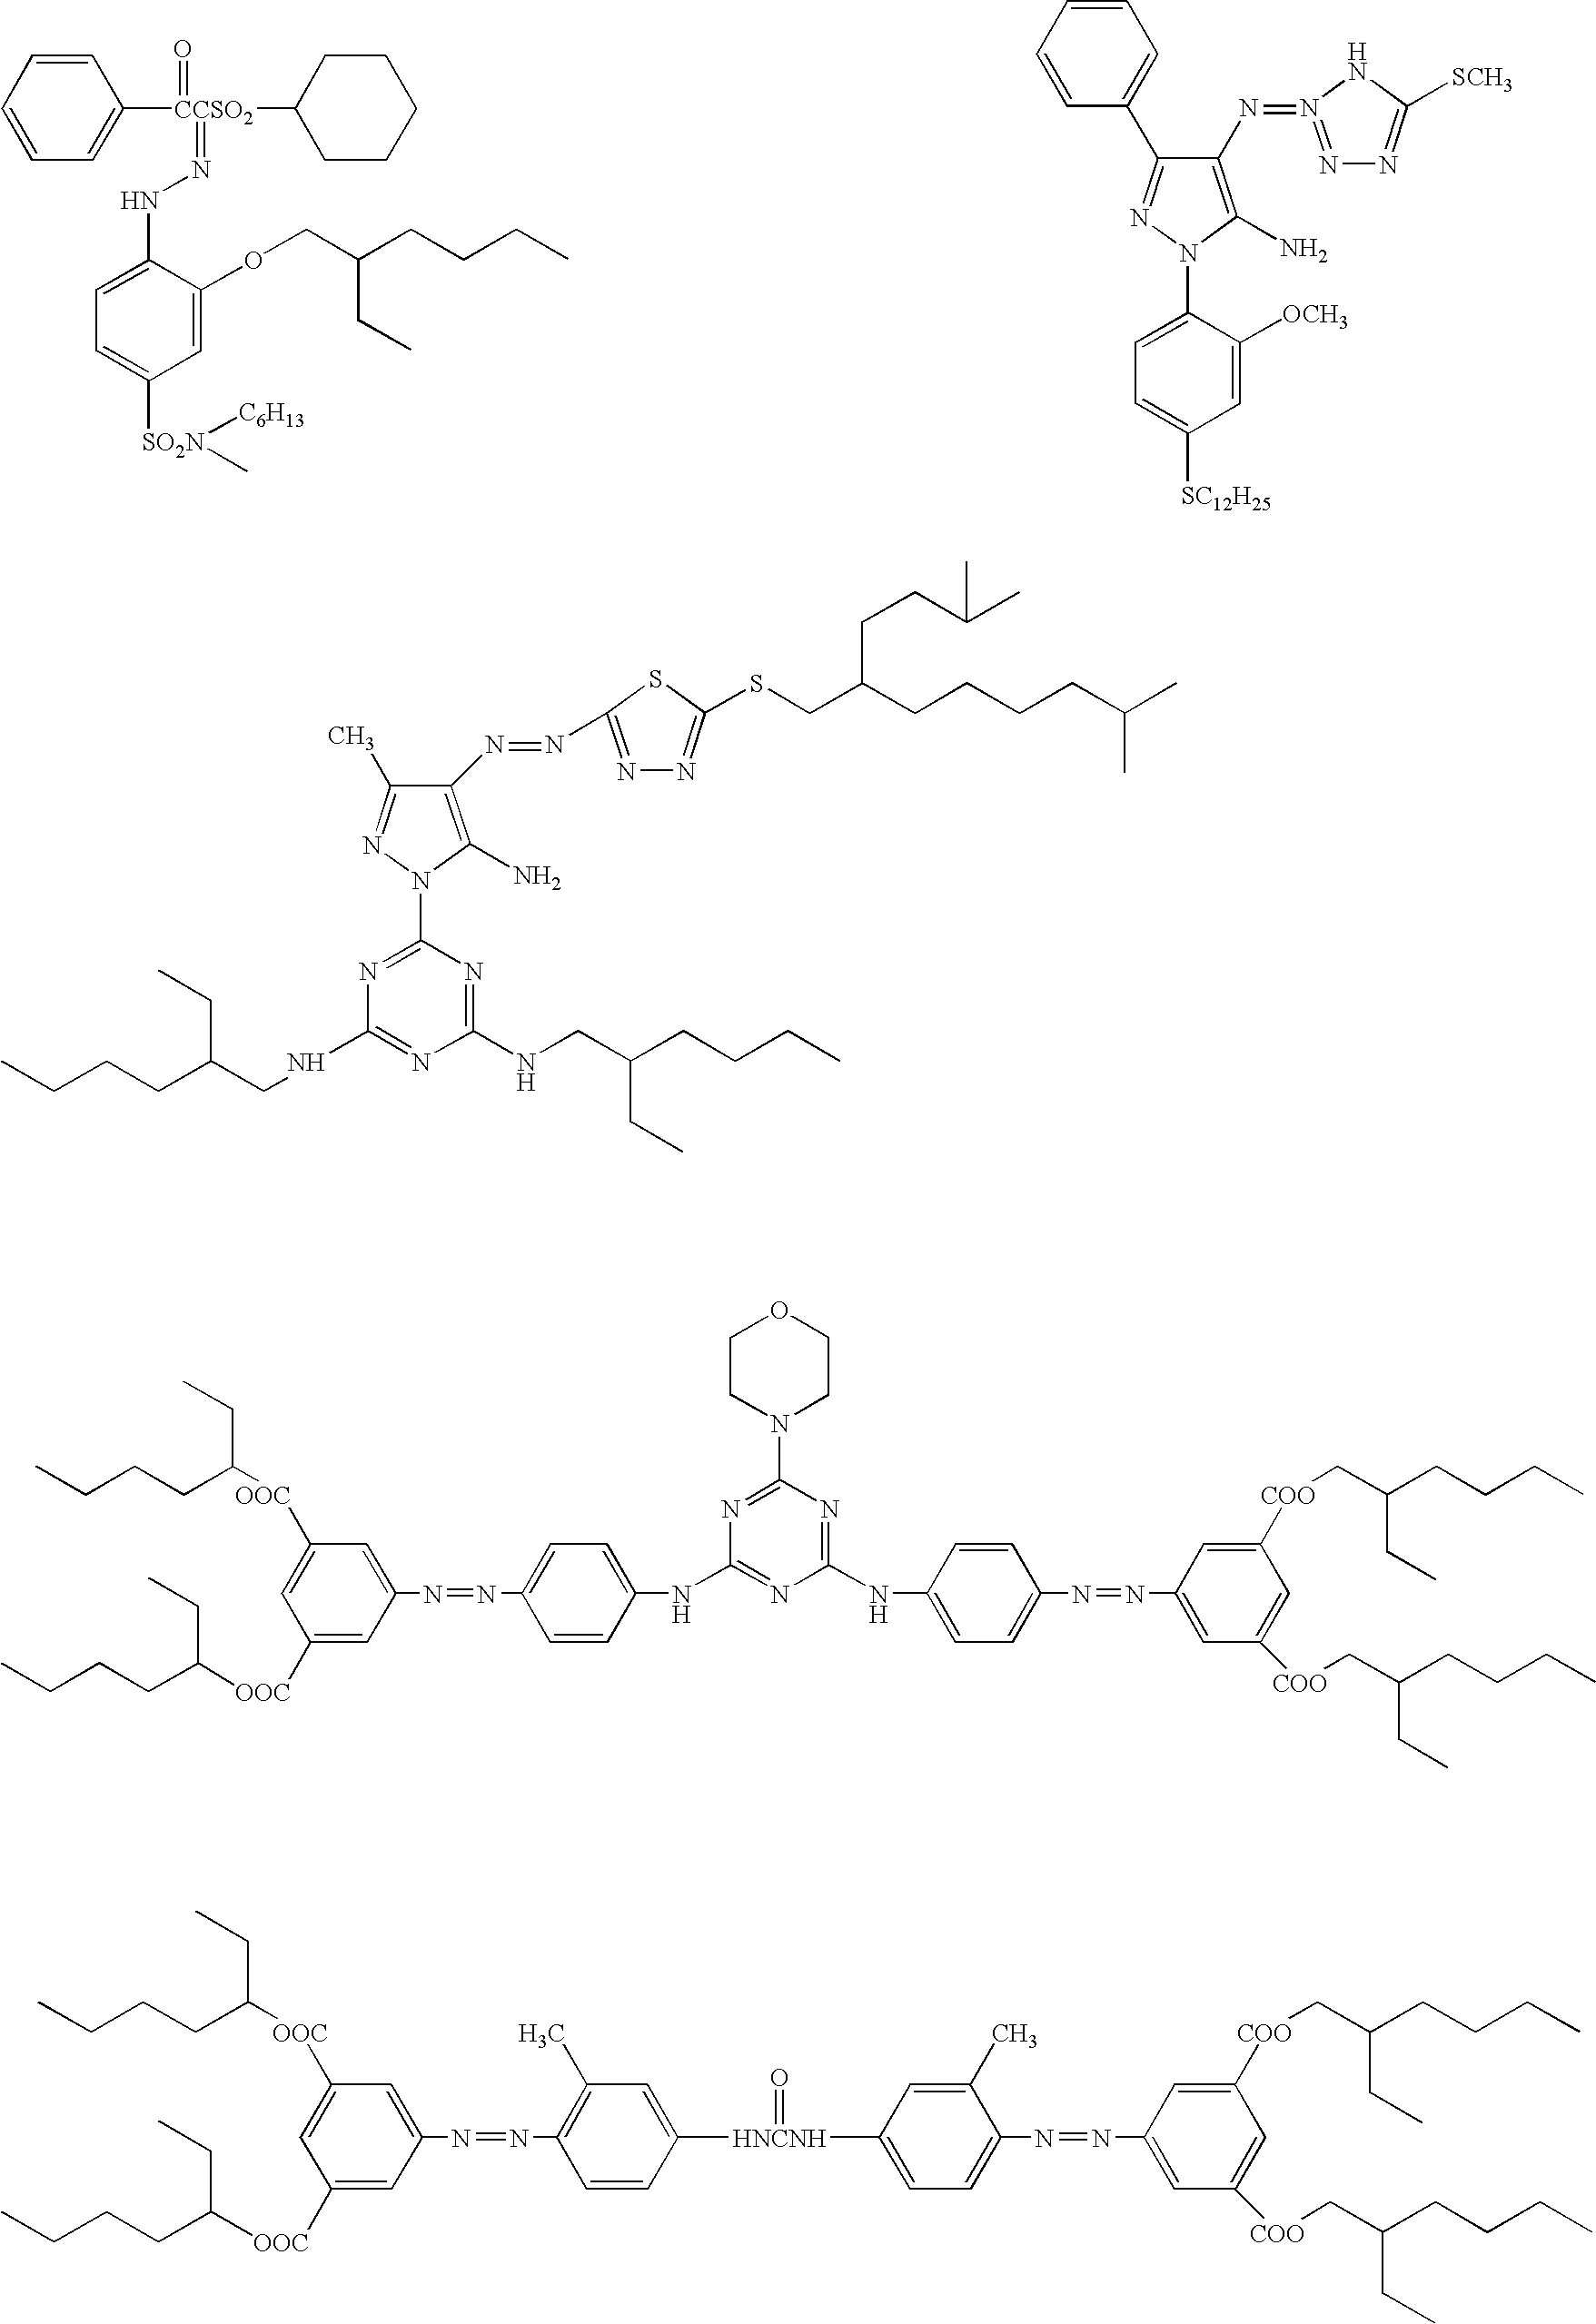 Figure US20060204732A1-20060914-C00045